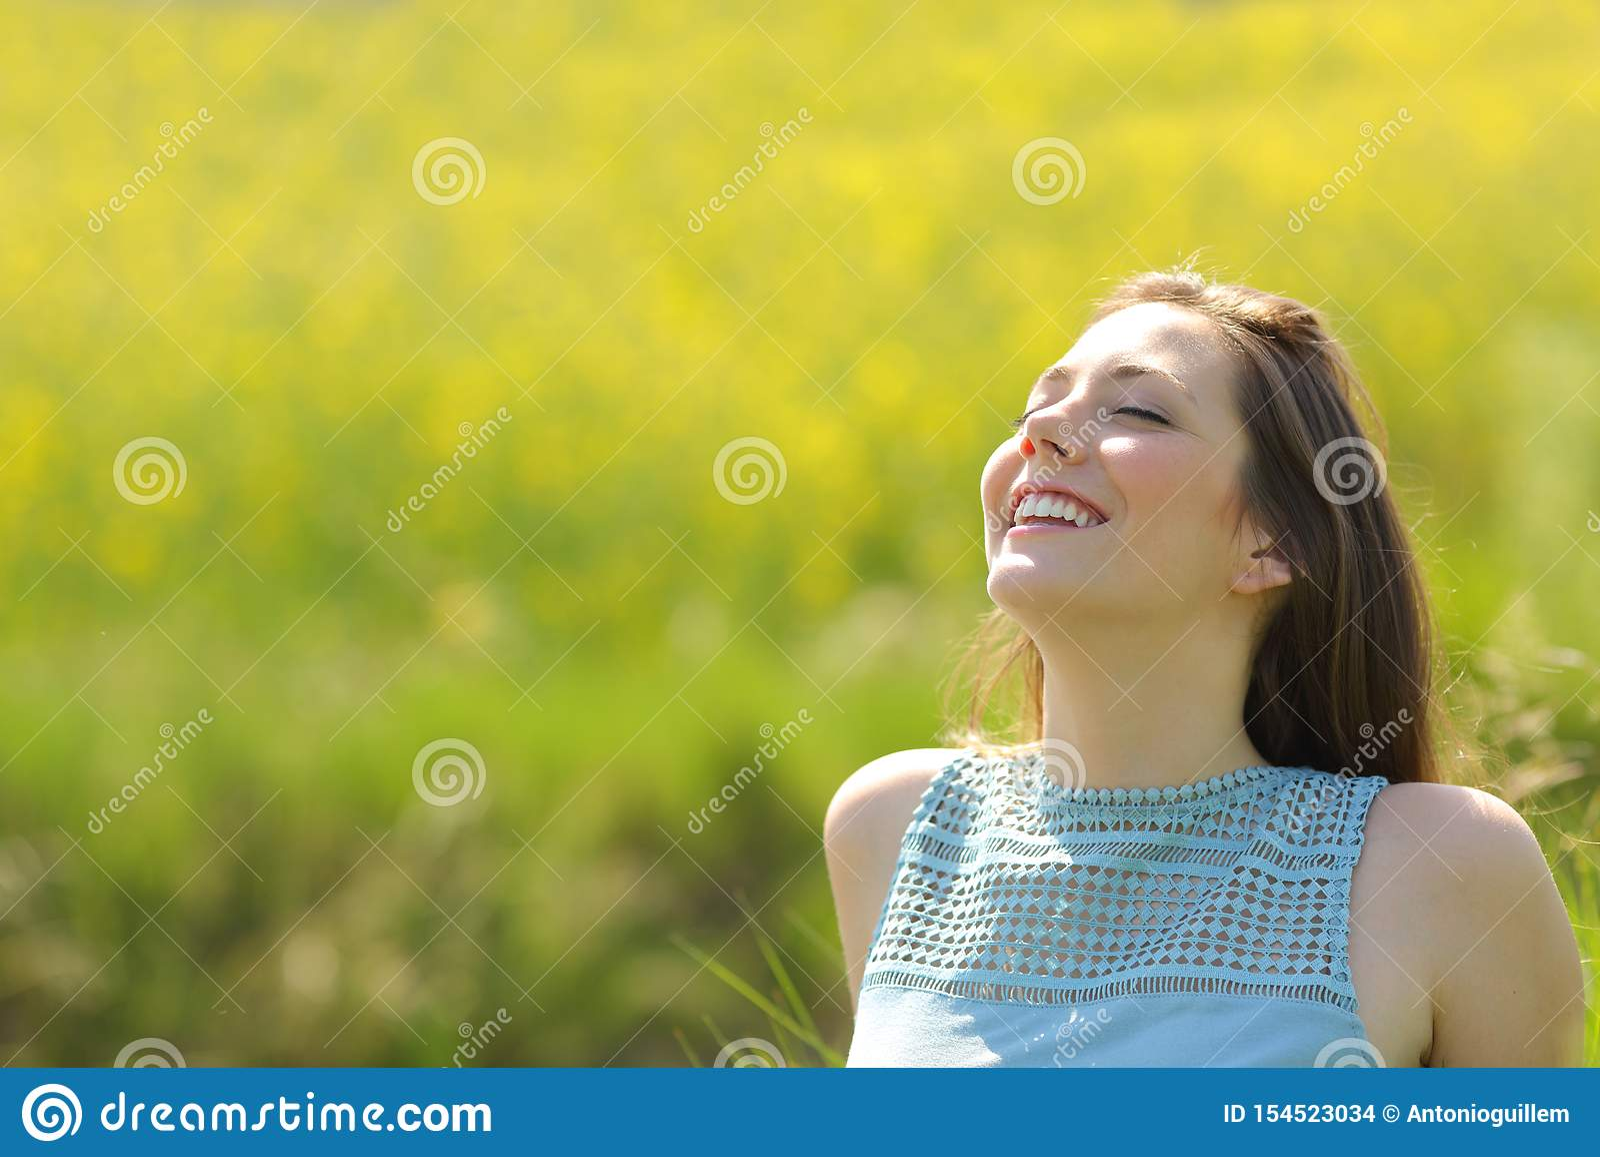 Ar fresco de respiração de descanso da mulher feliz em um campo